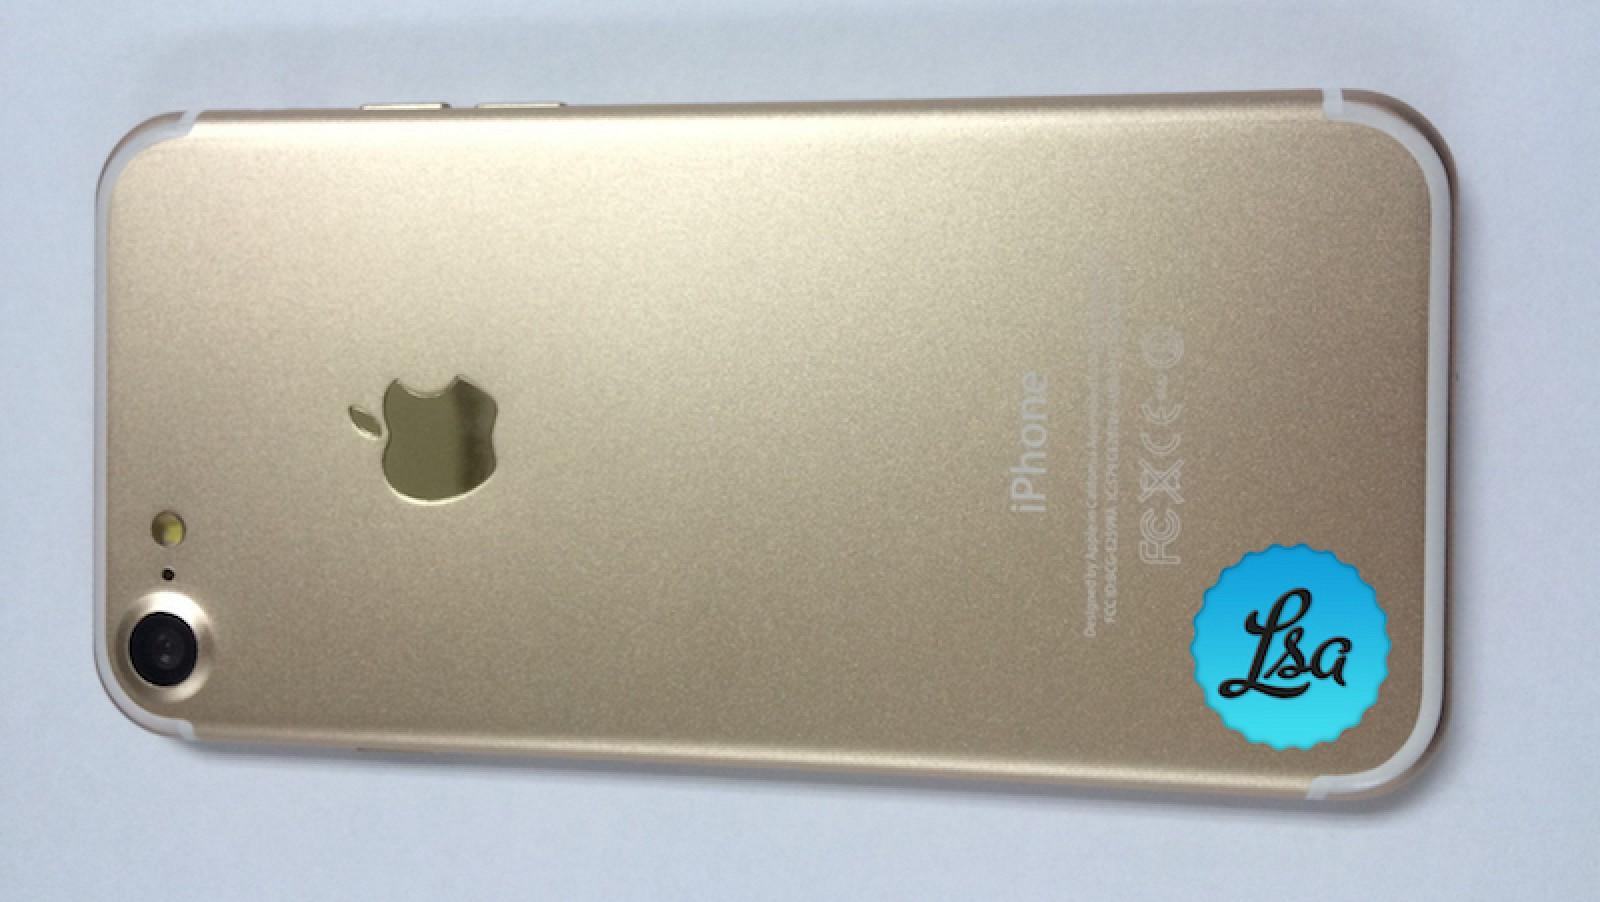 Новые фото высокого разрешения iPhone 7 и iPhone 7 Plus в золотом цвете